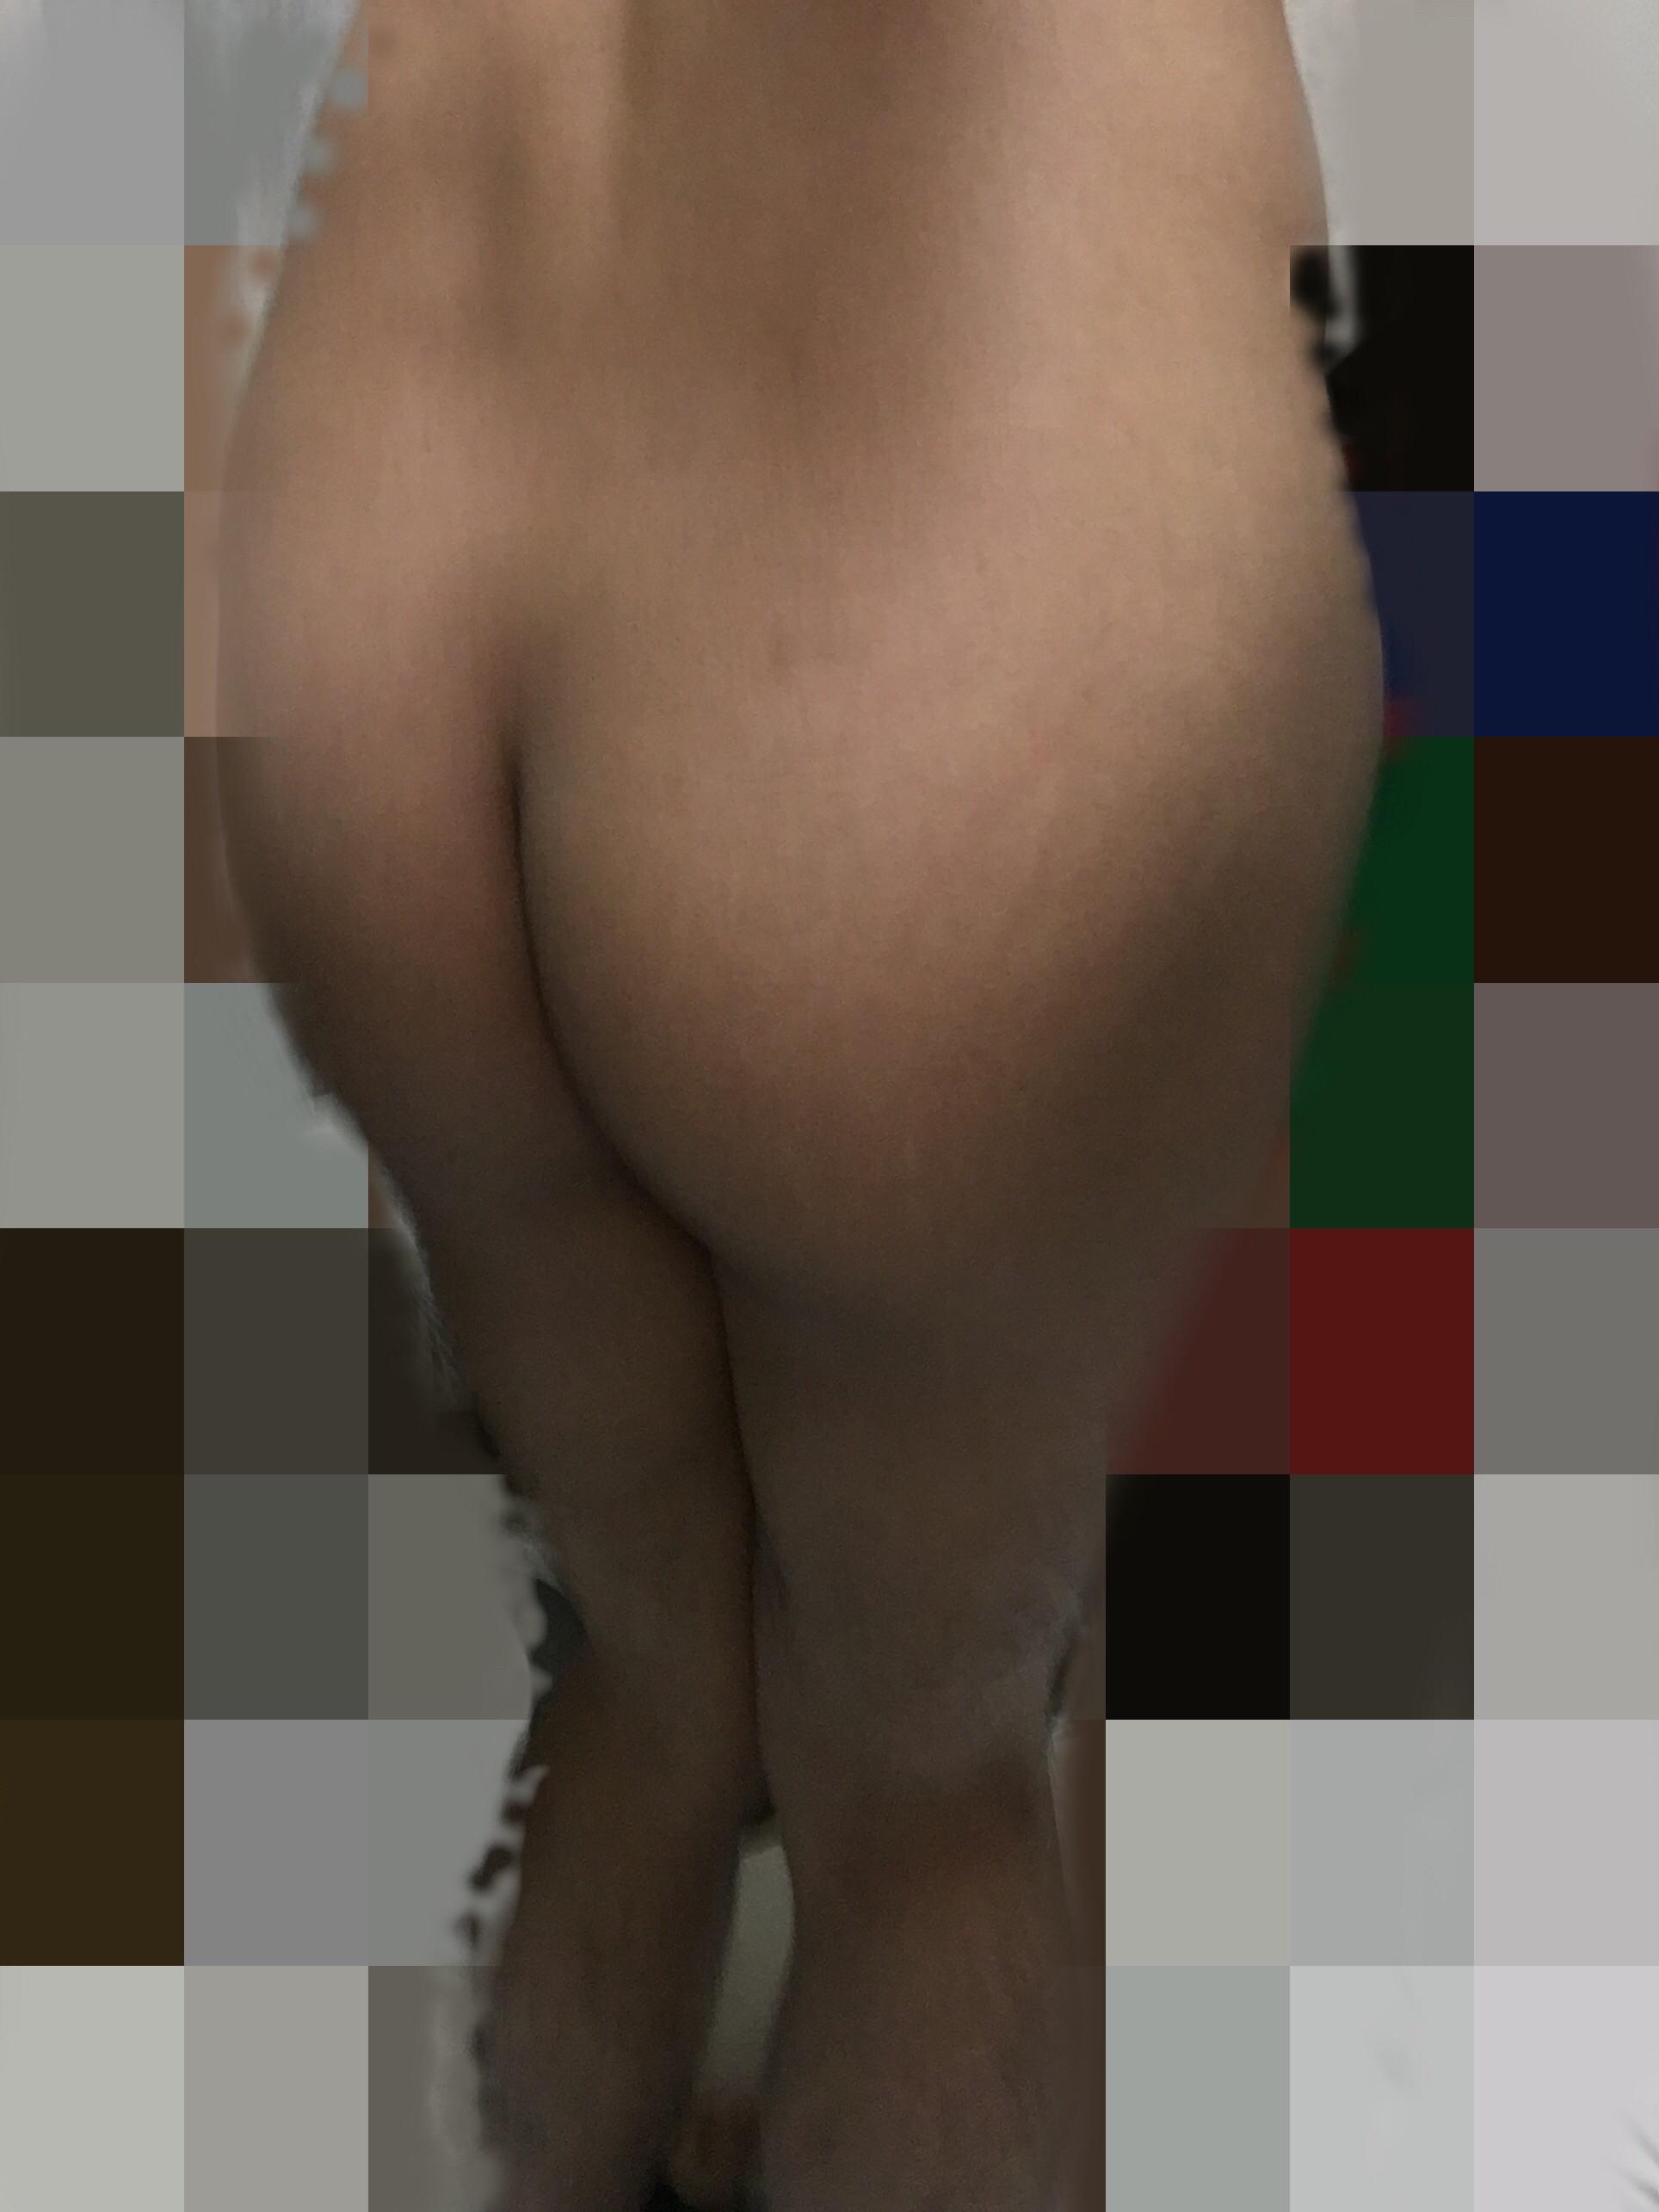 お前らが貼った自慢のエロ画像を俺が勝手に評価するスレ。 w7Fc9NJ